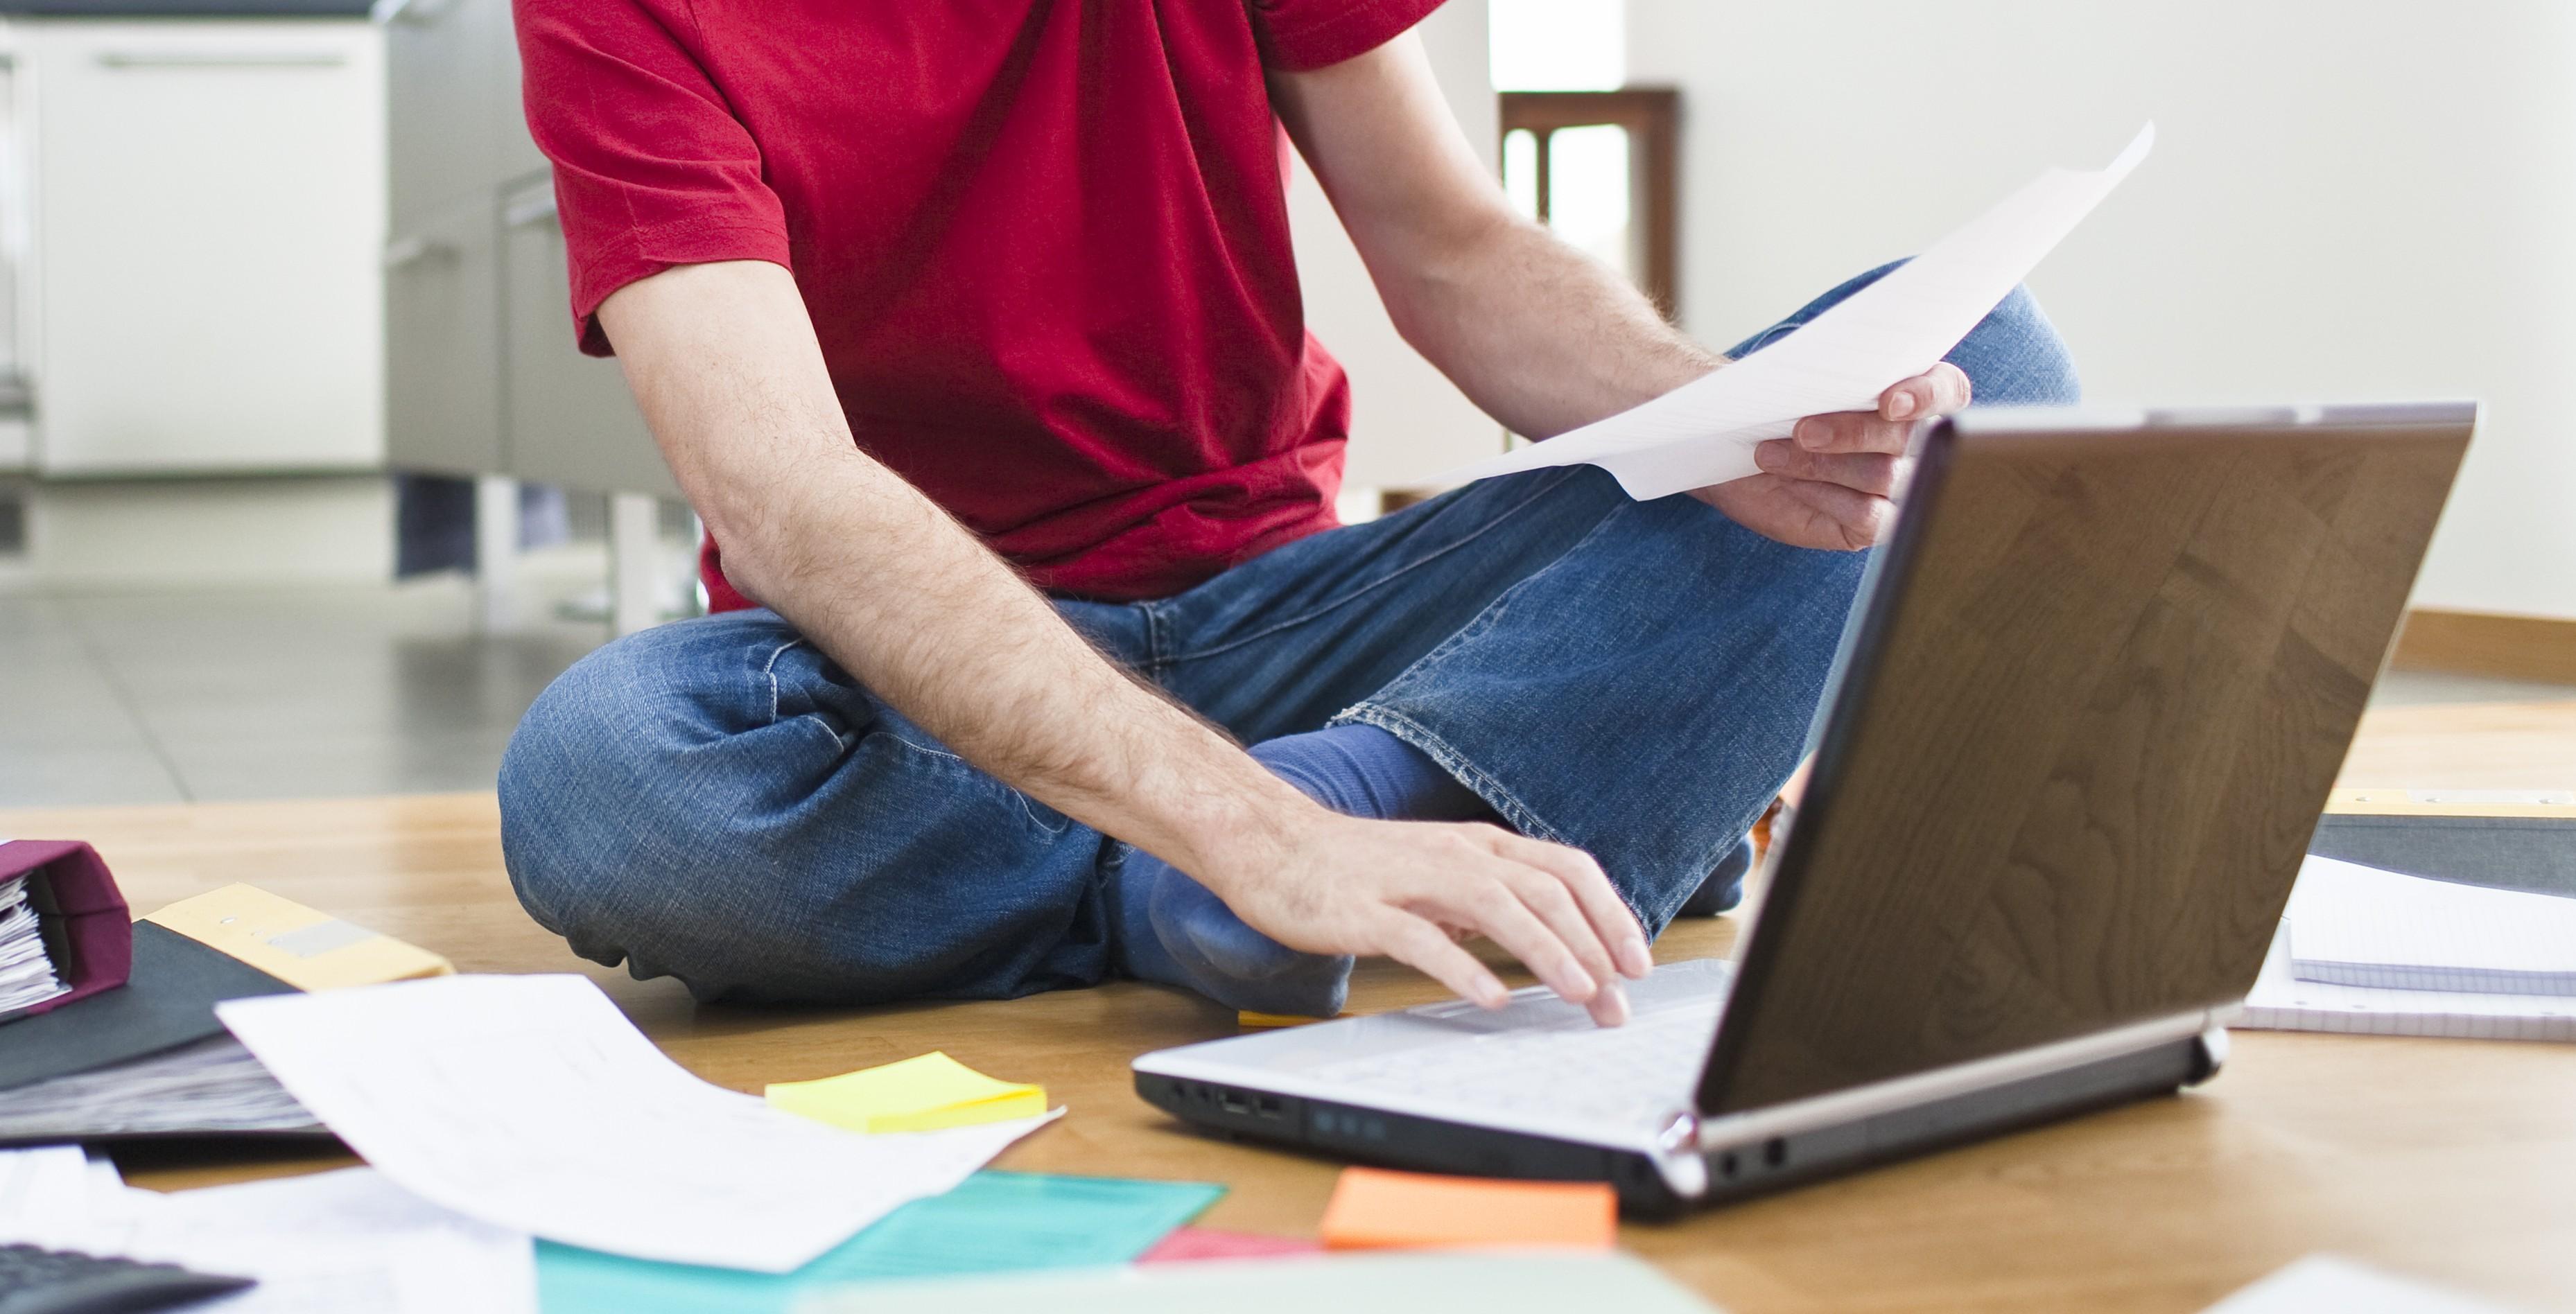 Los teletrabajadores son más felices y productivos